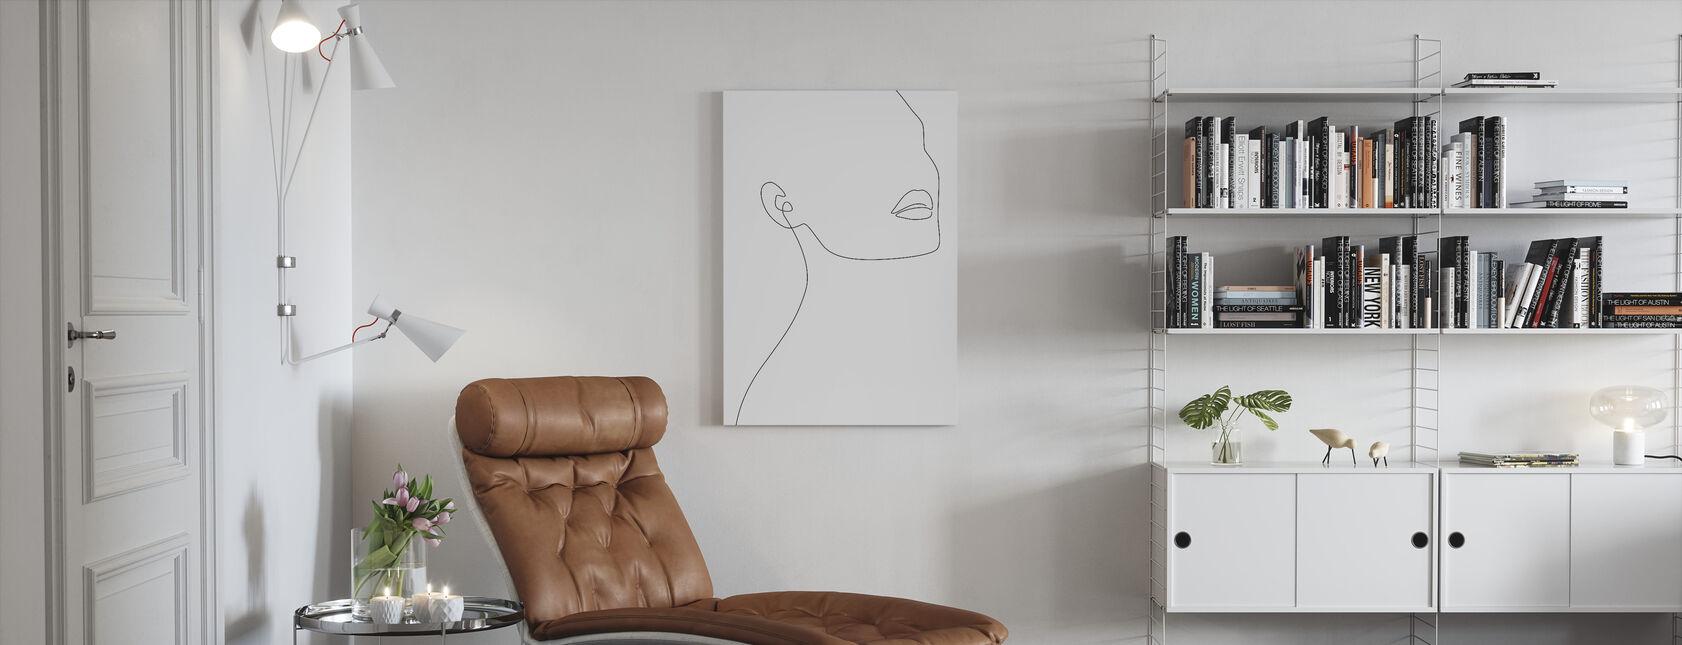 Simple Minimalist - Canvas print - Living Room